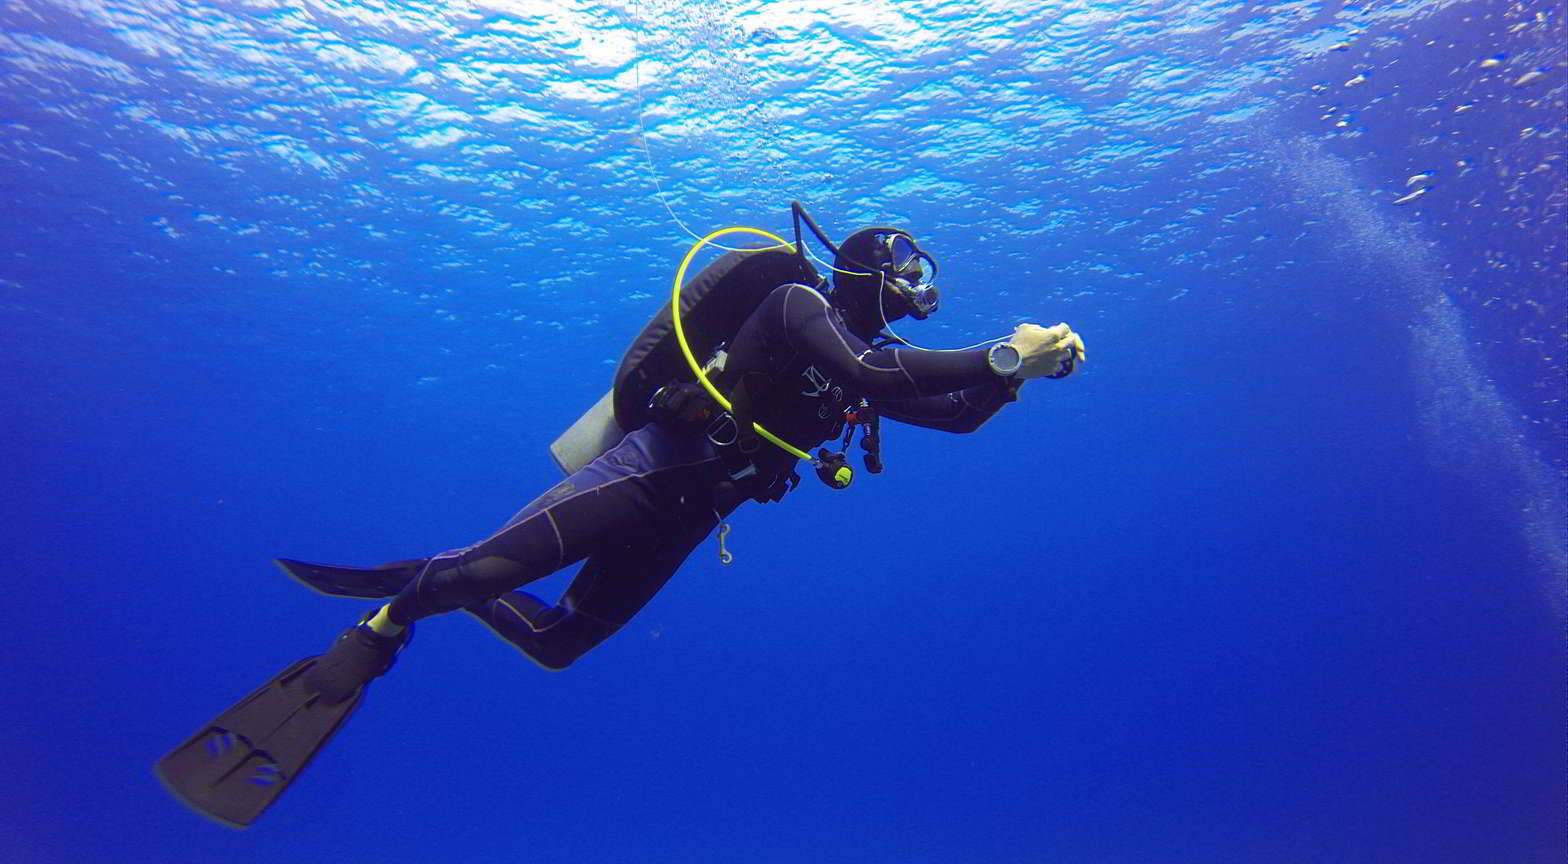 Padi scuba diver course planet bali dive for Dive planet